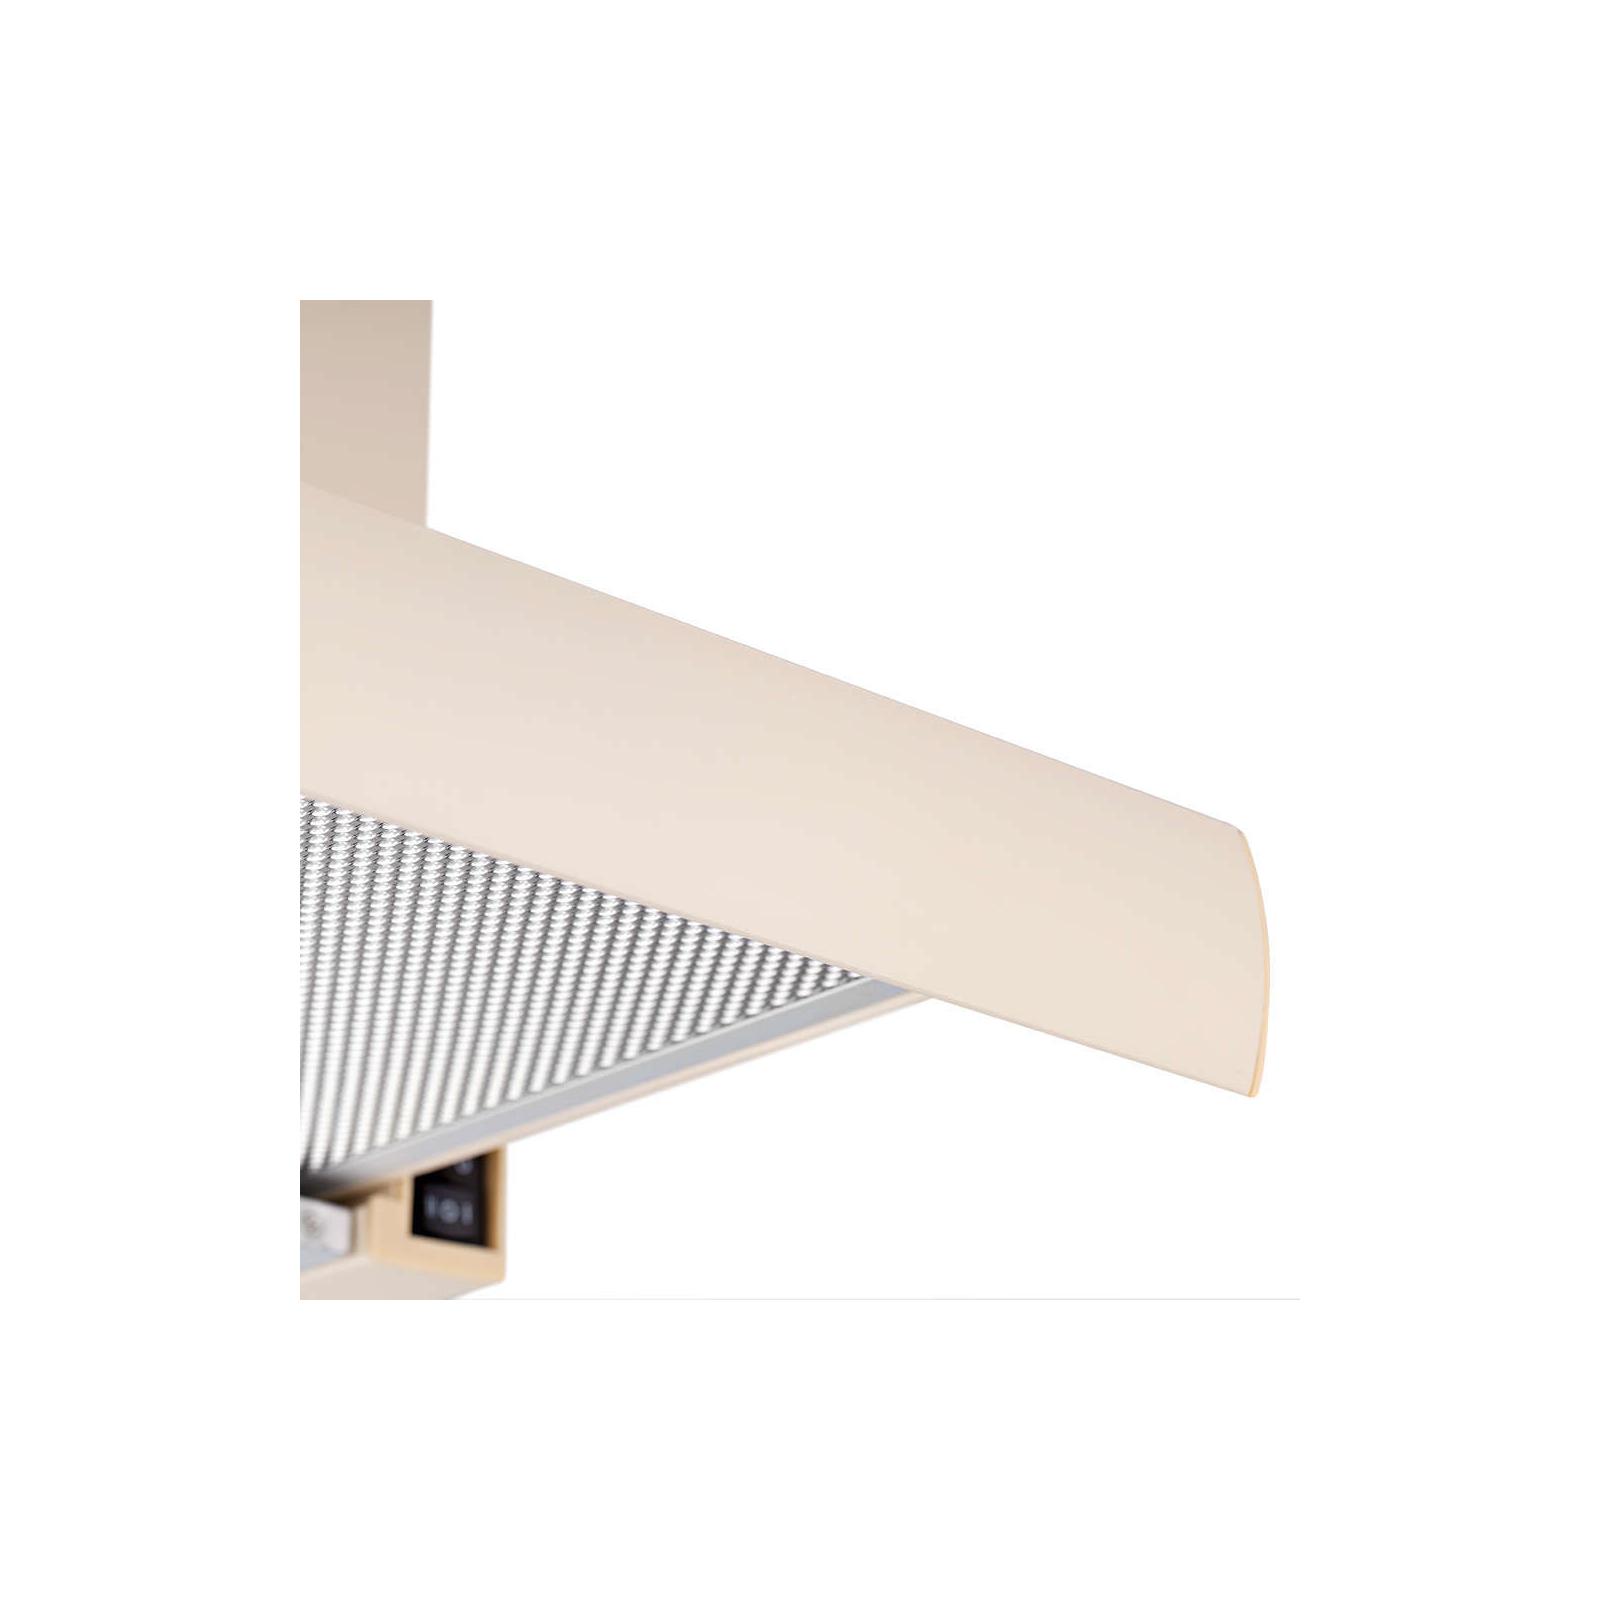 Вытяжка кухонная PYRAMIDA TL 50 (1100) IV изображение 9